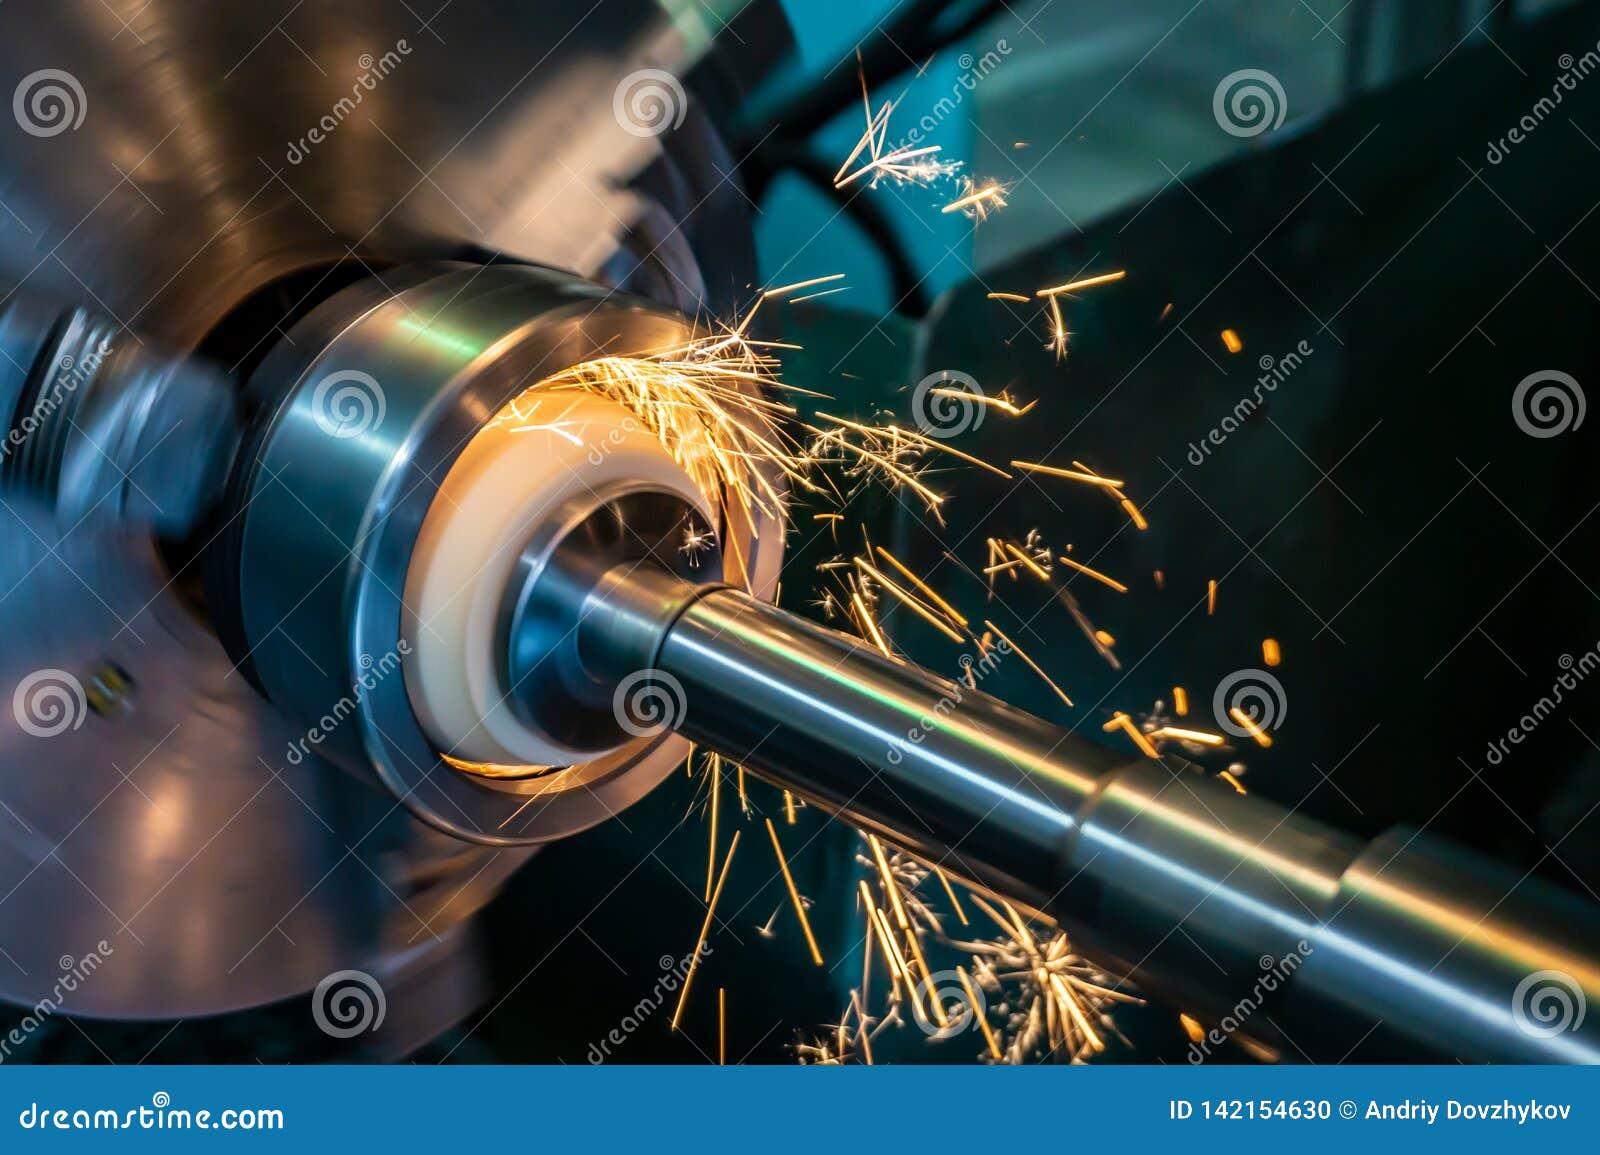 Η εσωτερική επεξεργασία της τρύπας με μια λειαντική πέτρα σε μια αλέθοντας μηχανή, σπινθήρες πετά στις διαφορετικές κατευθύνσεις